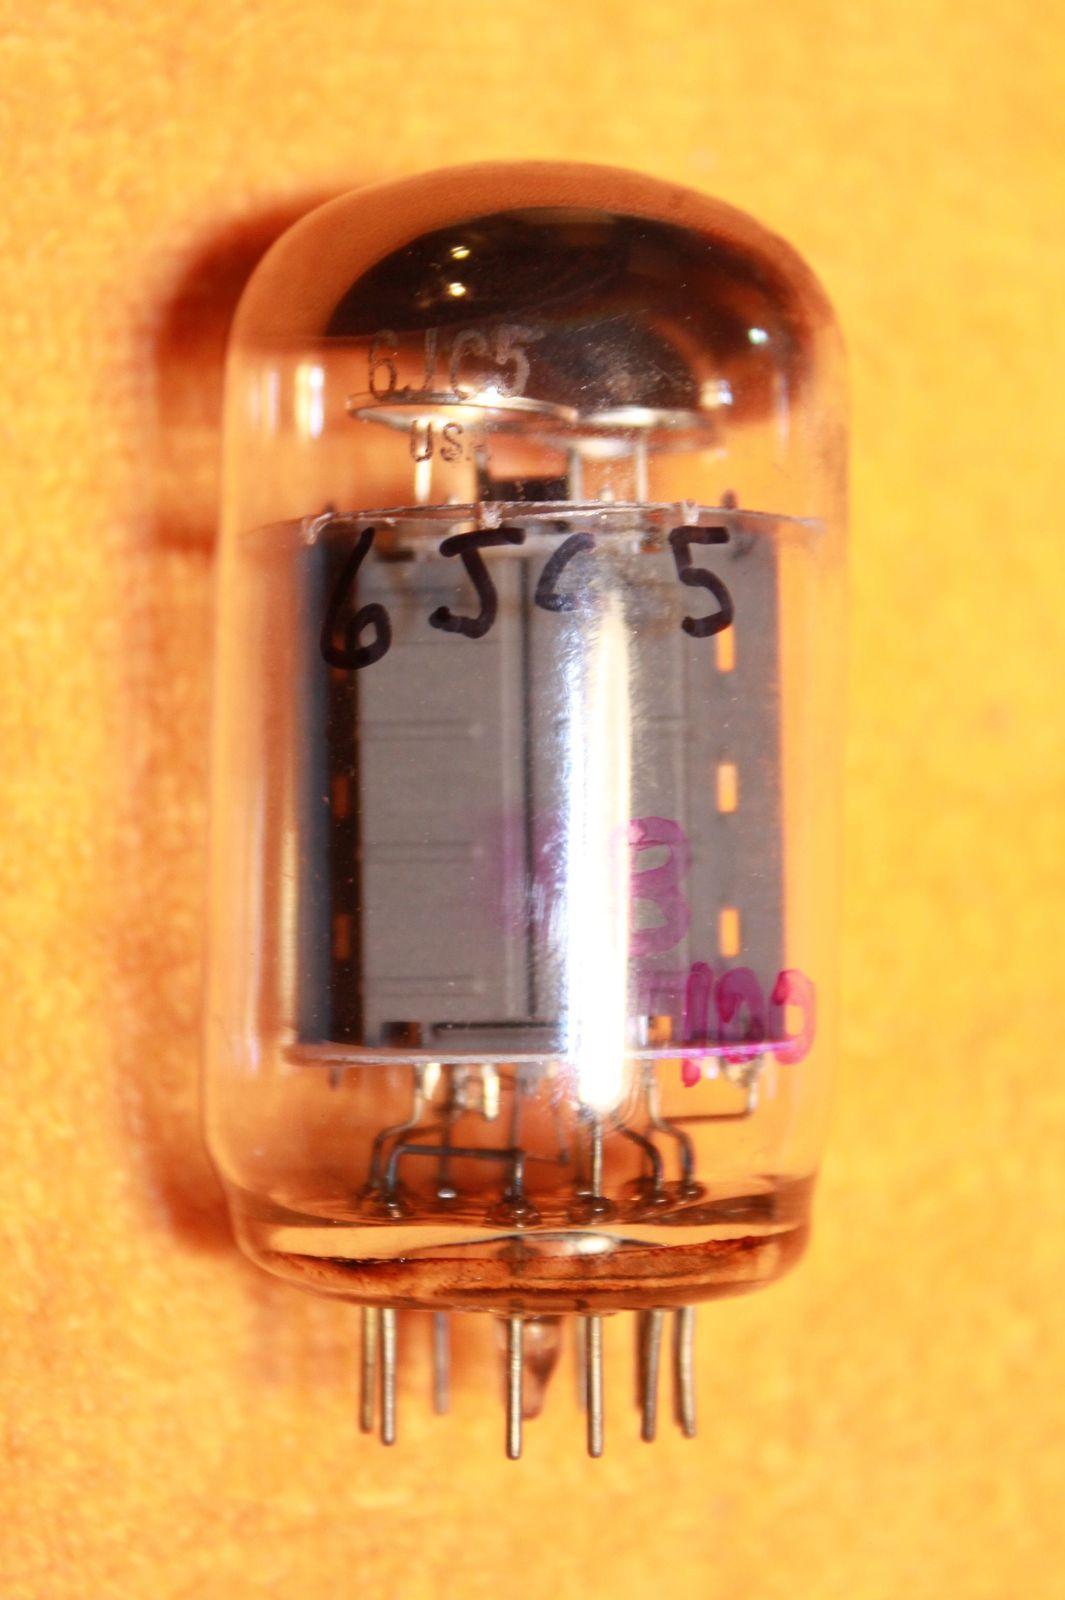 Vintage Radio Vacuum Tube (one): 6JC5 - Tested Good